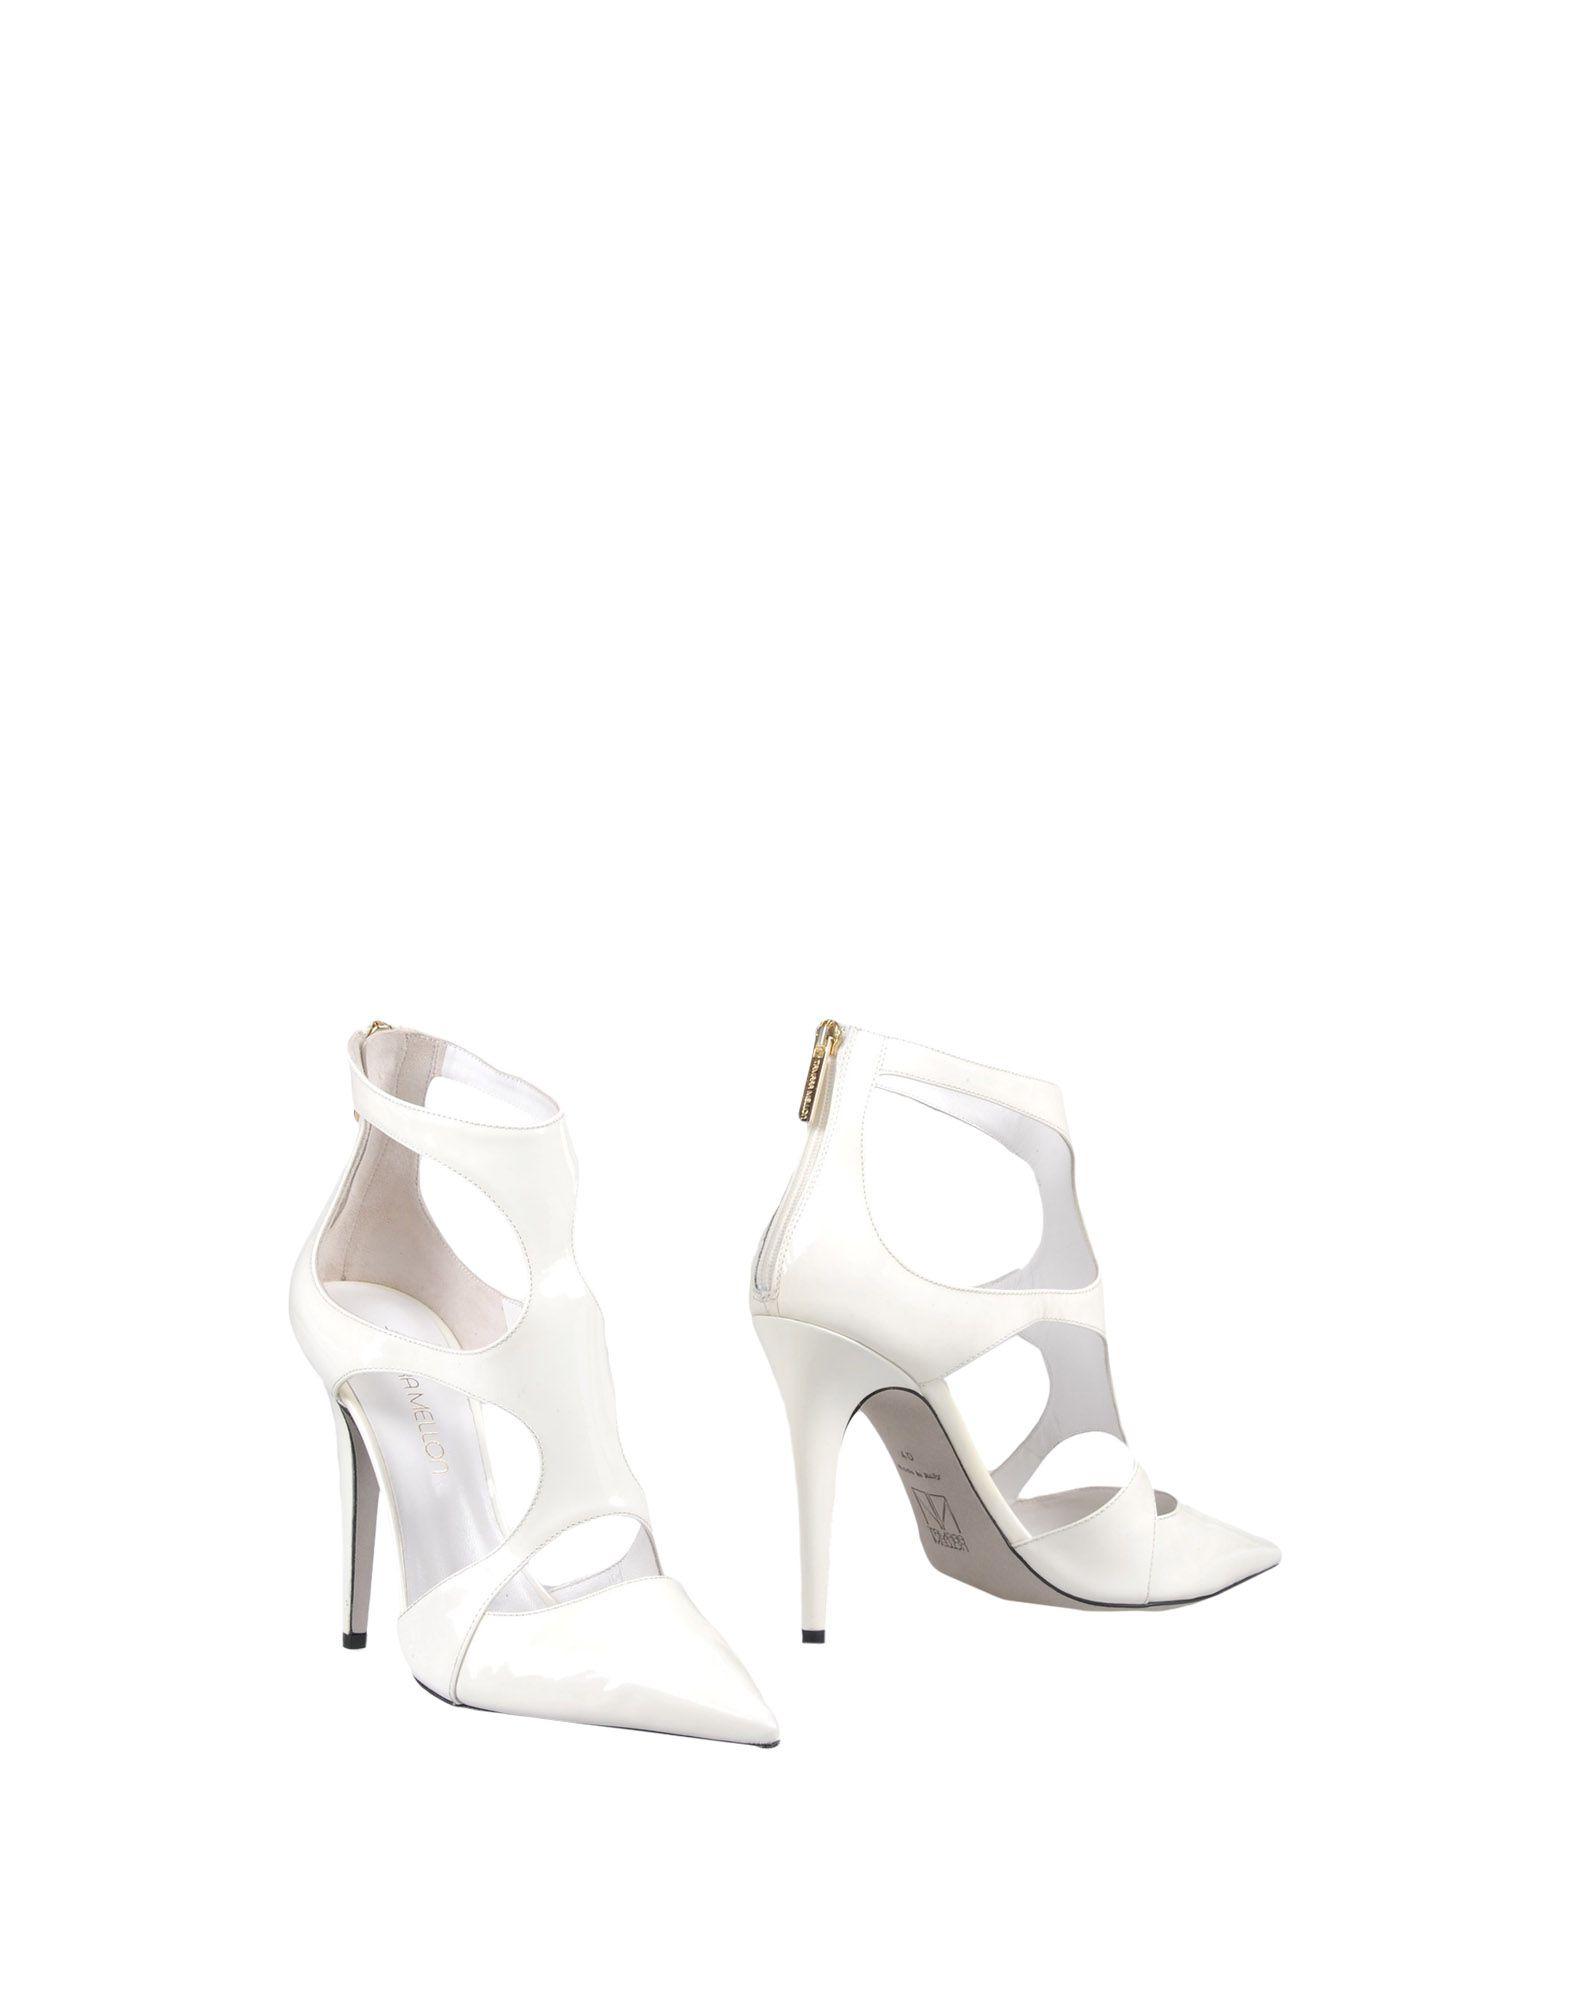 TAMARA MELLON Ankle Boot in White